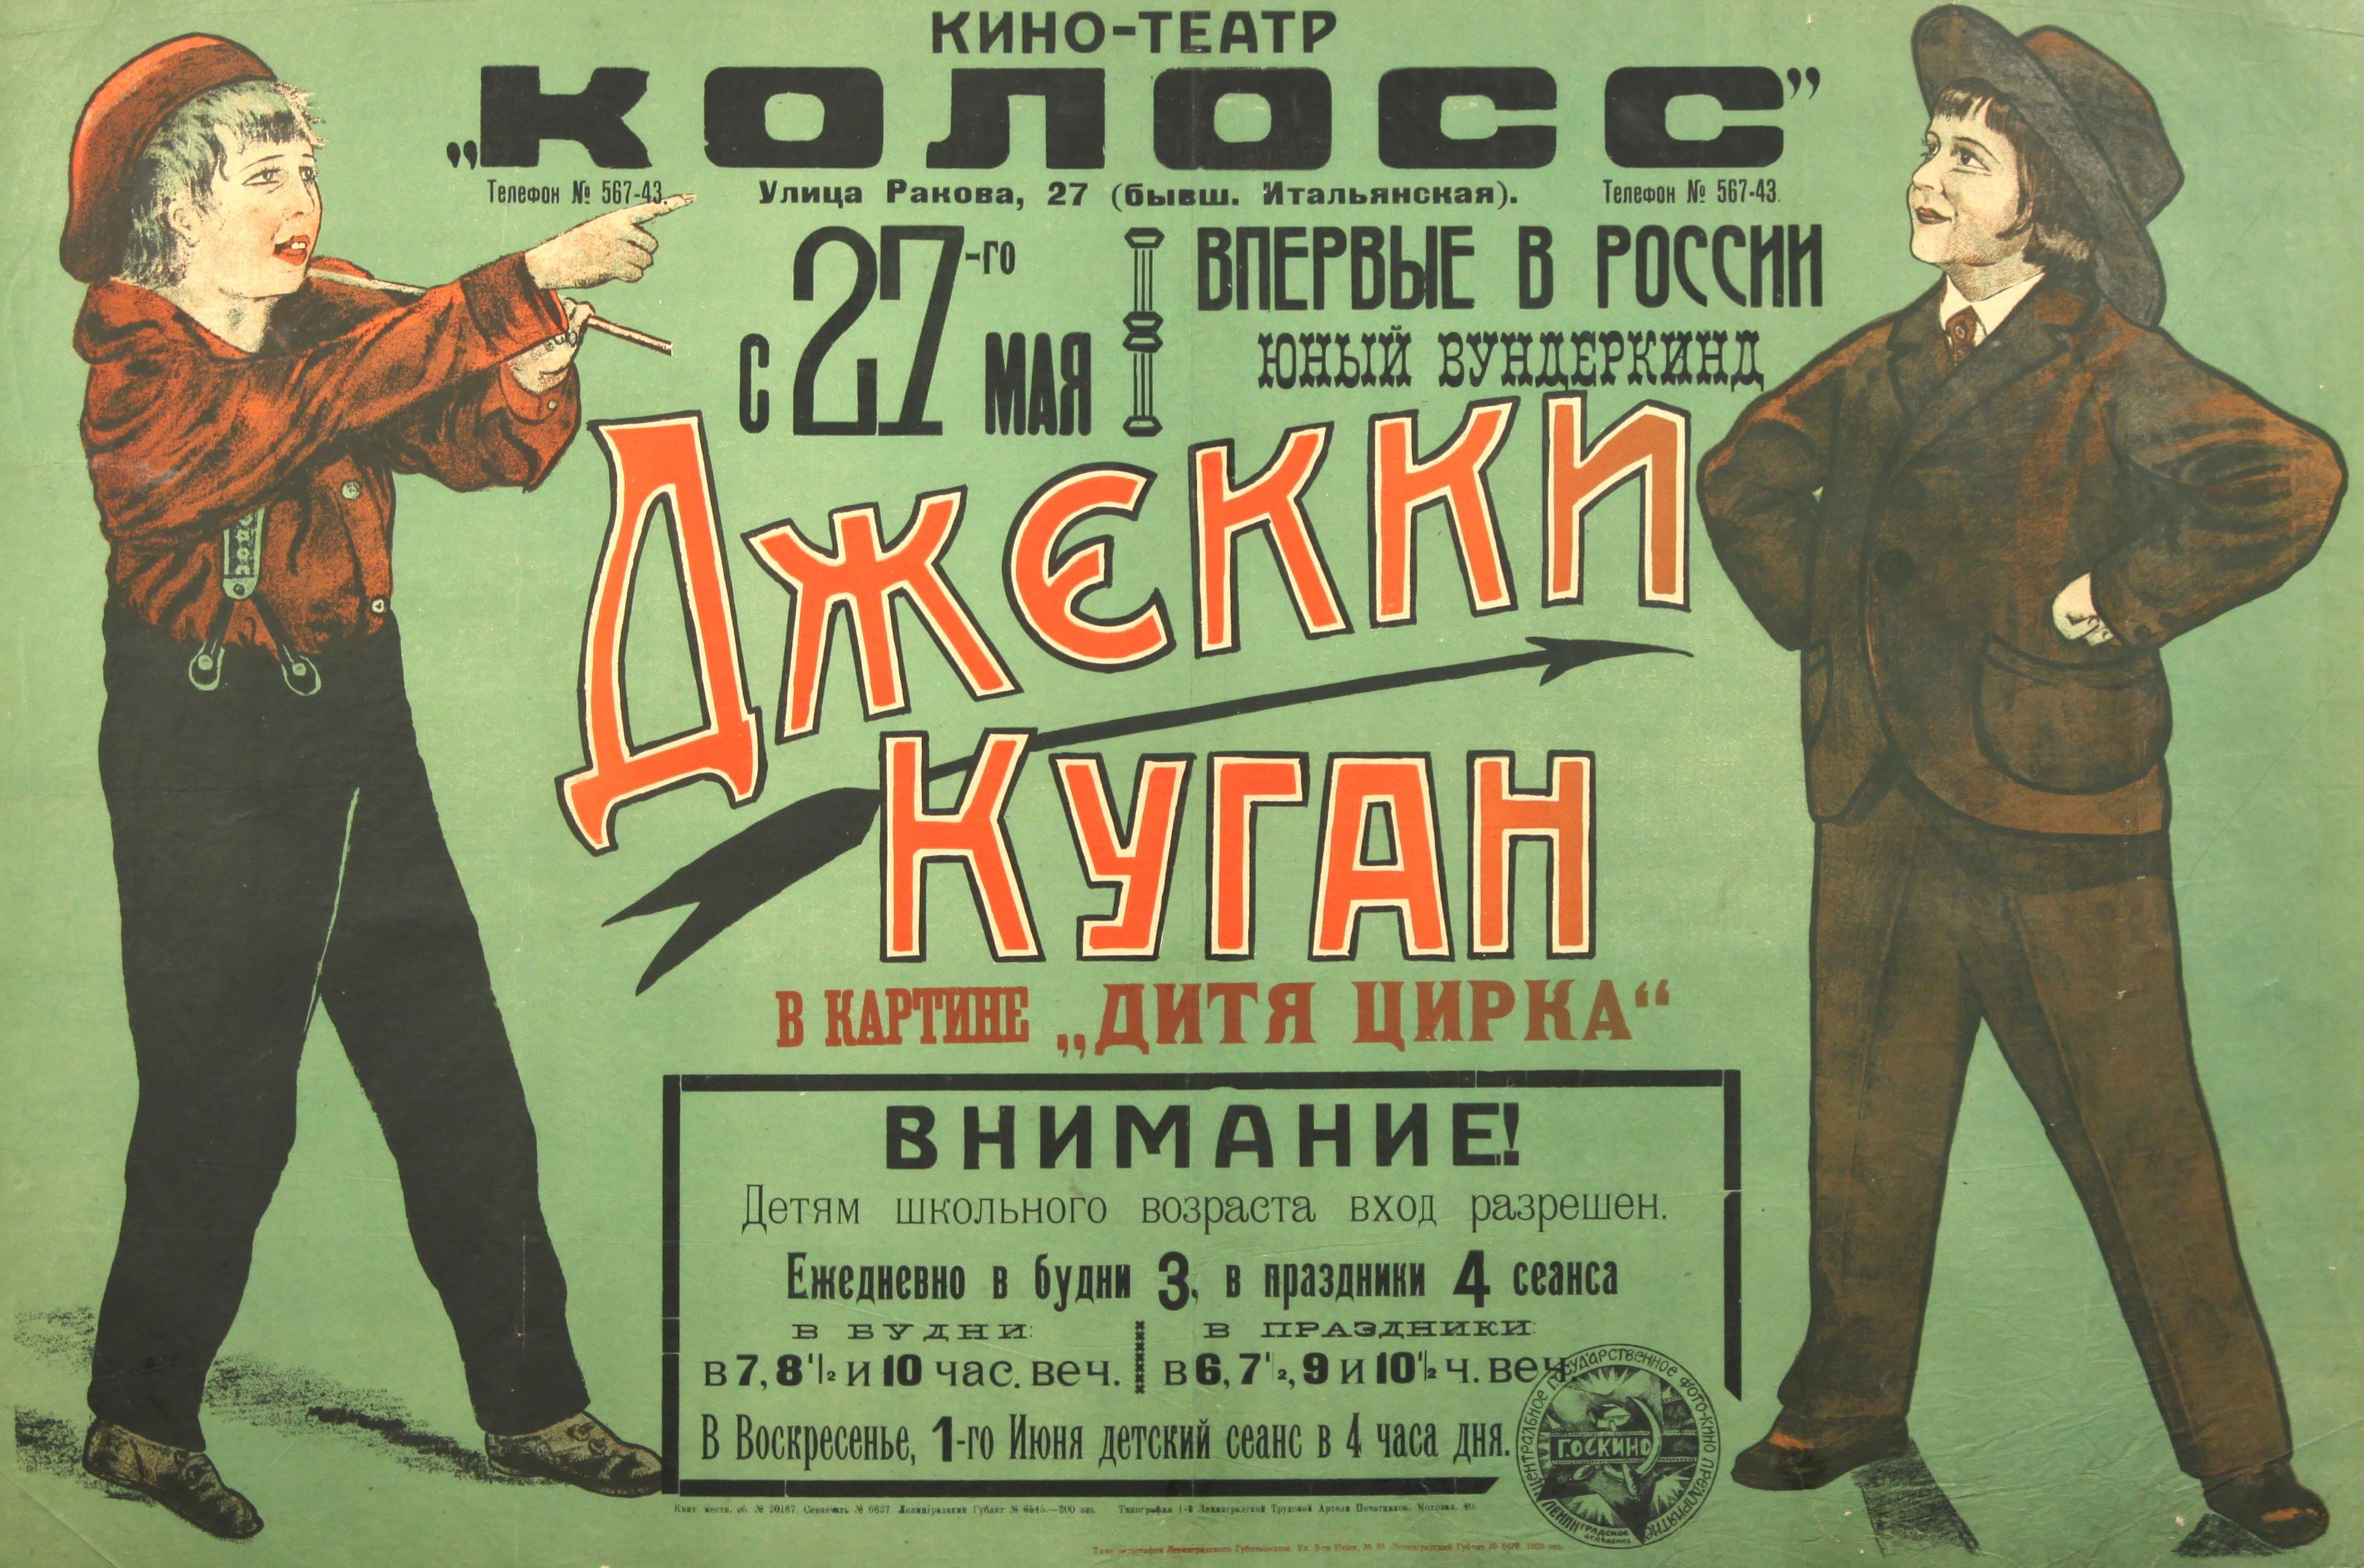 1924. Дитя цирка (реж. Эдвард Ф. Клайн)